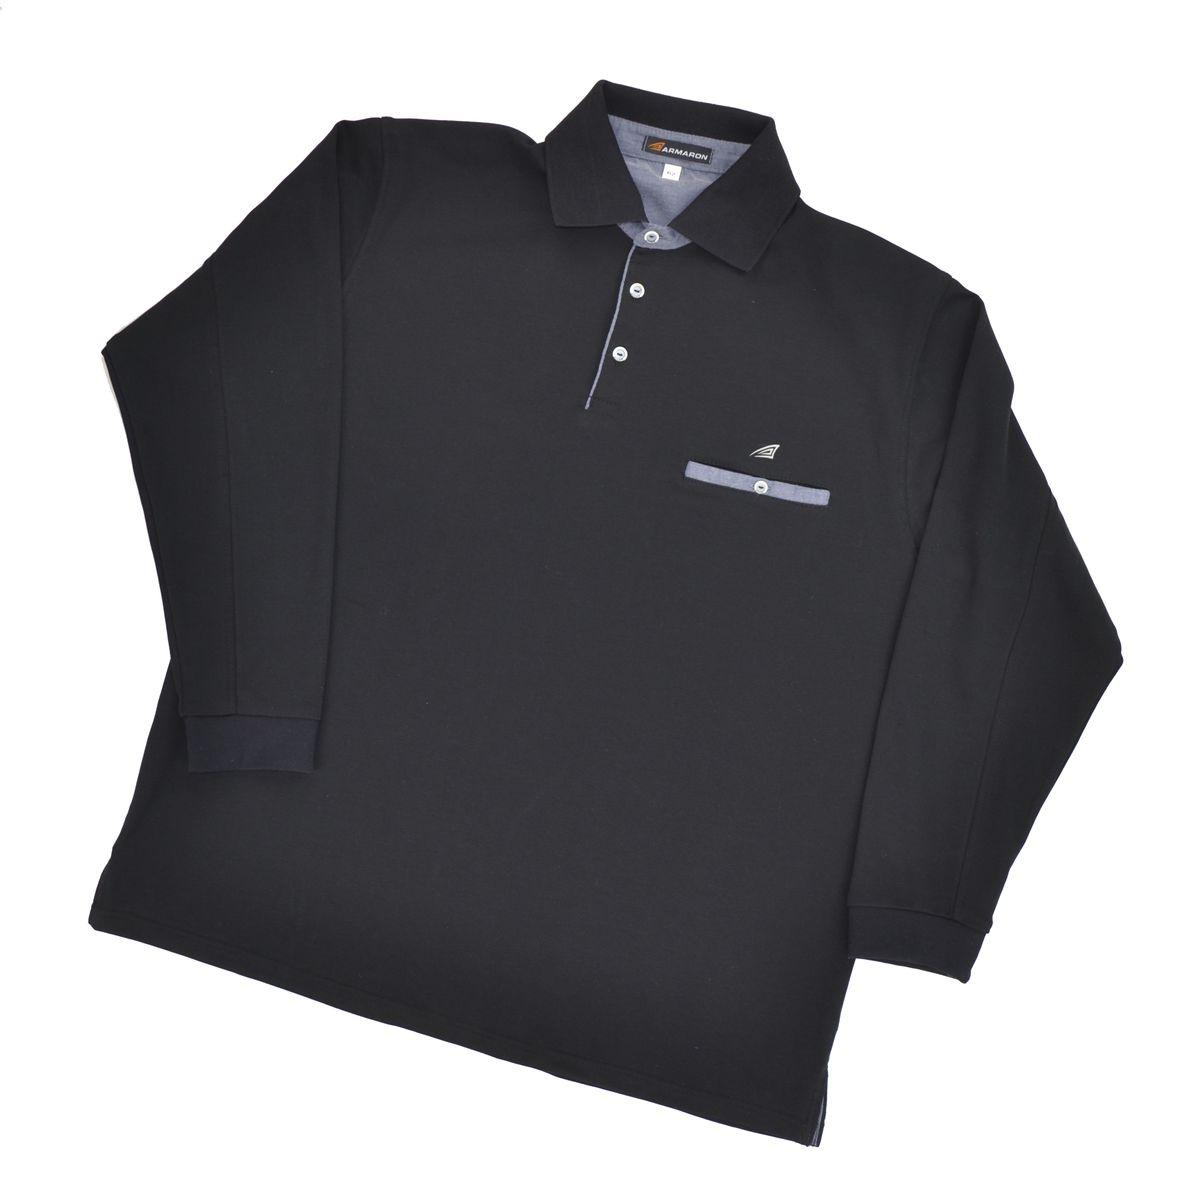 Поло мужское Armaron, цвет: черный. 71/ч. Размер 80 шорты armaron шорты